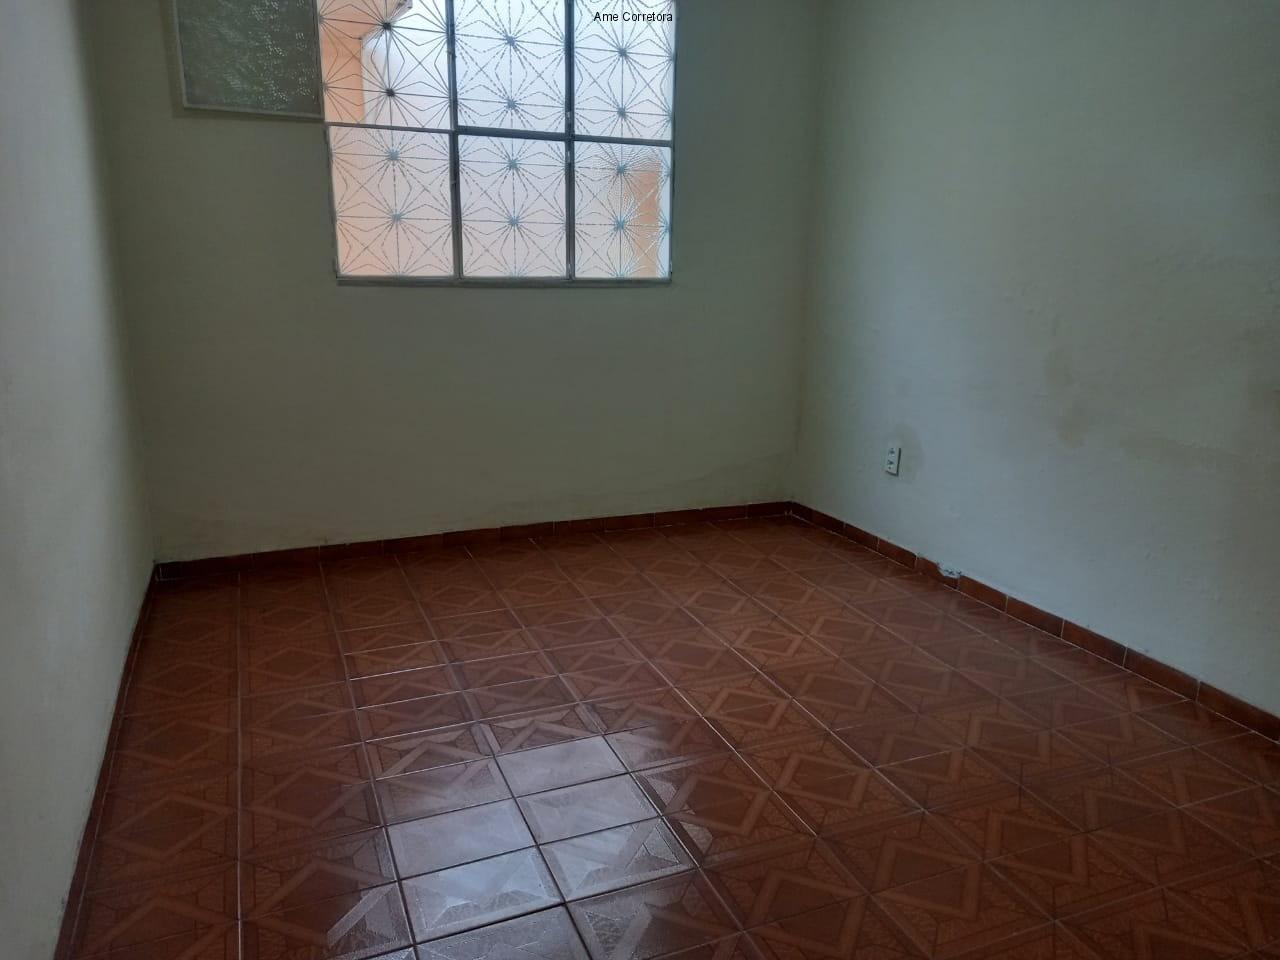 FOTO 01 - Casa 2 quartos para venda e aluguel Campo Grande, Rio de Janeiro - R$ 200.000 - CA00863 - 6